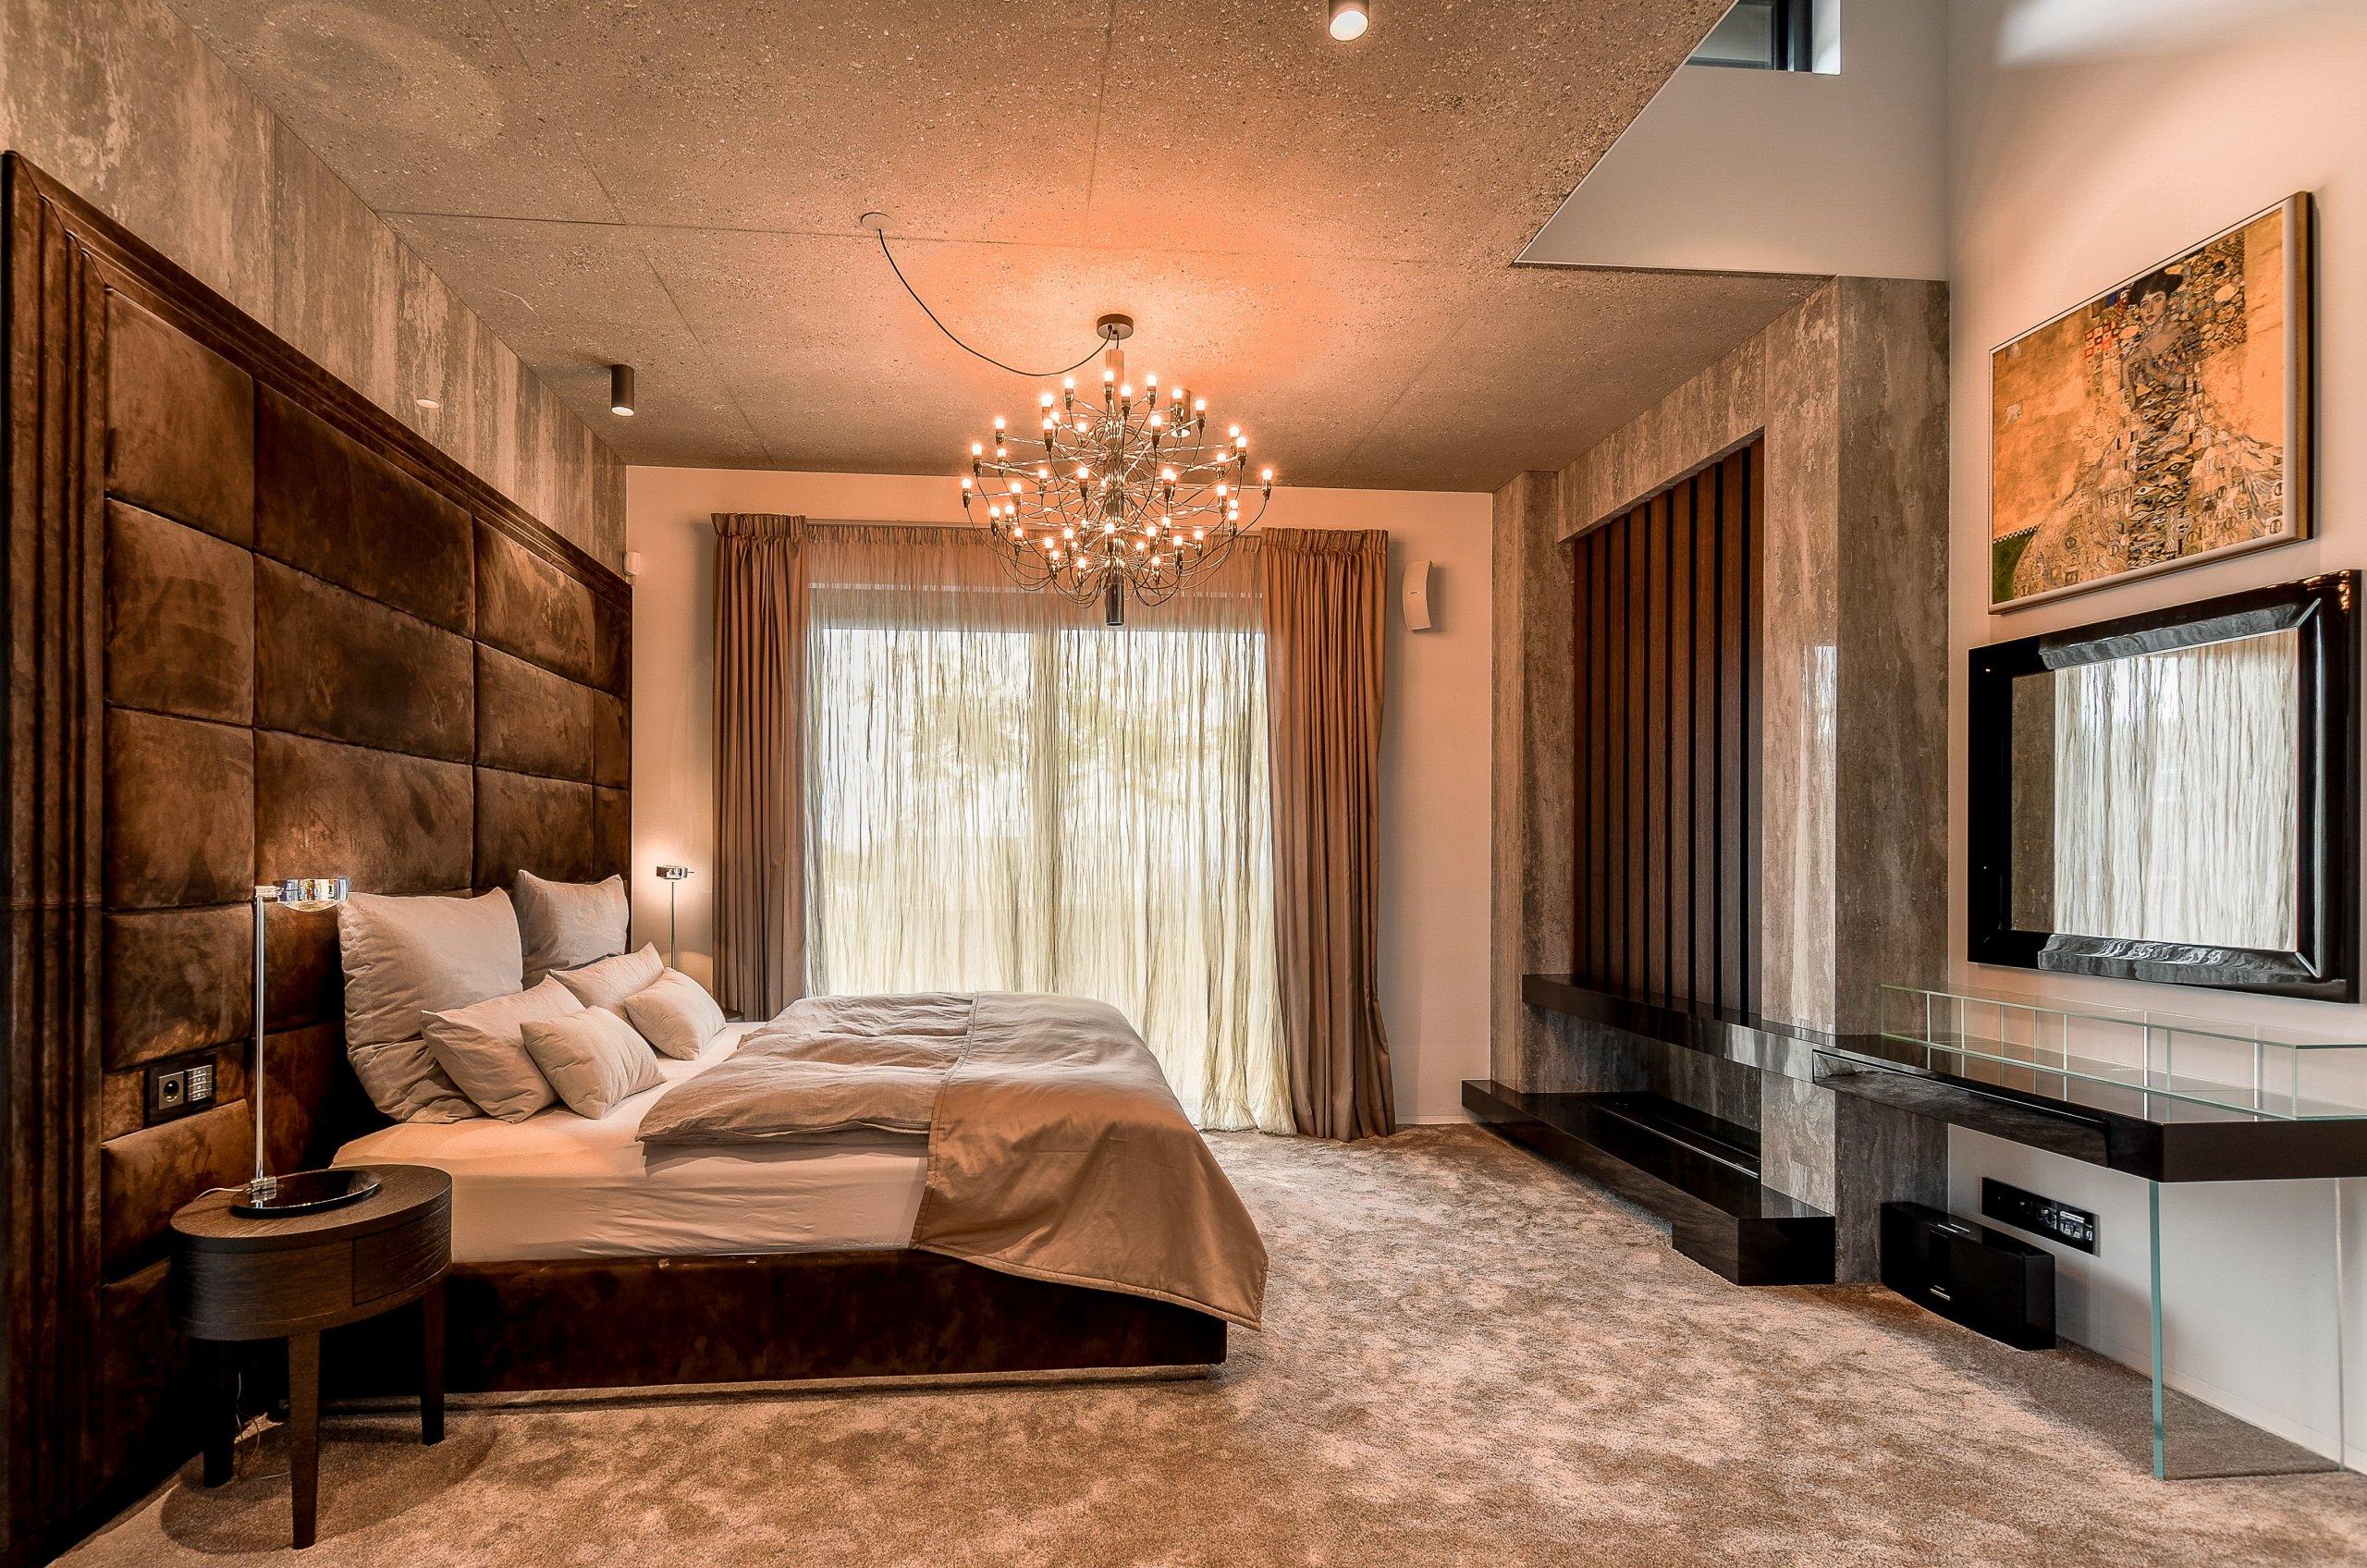 I na Slovensku se již začal výrazněji prosazovat fenomén budování luxusních penthousů. Do jednoho z nich vás nyní zveme. Jeho majitel si své nadstandardní…